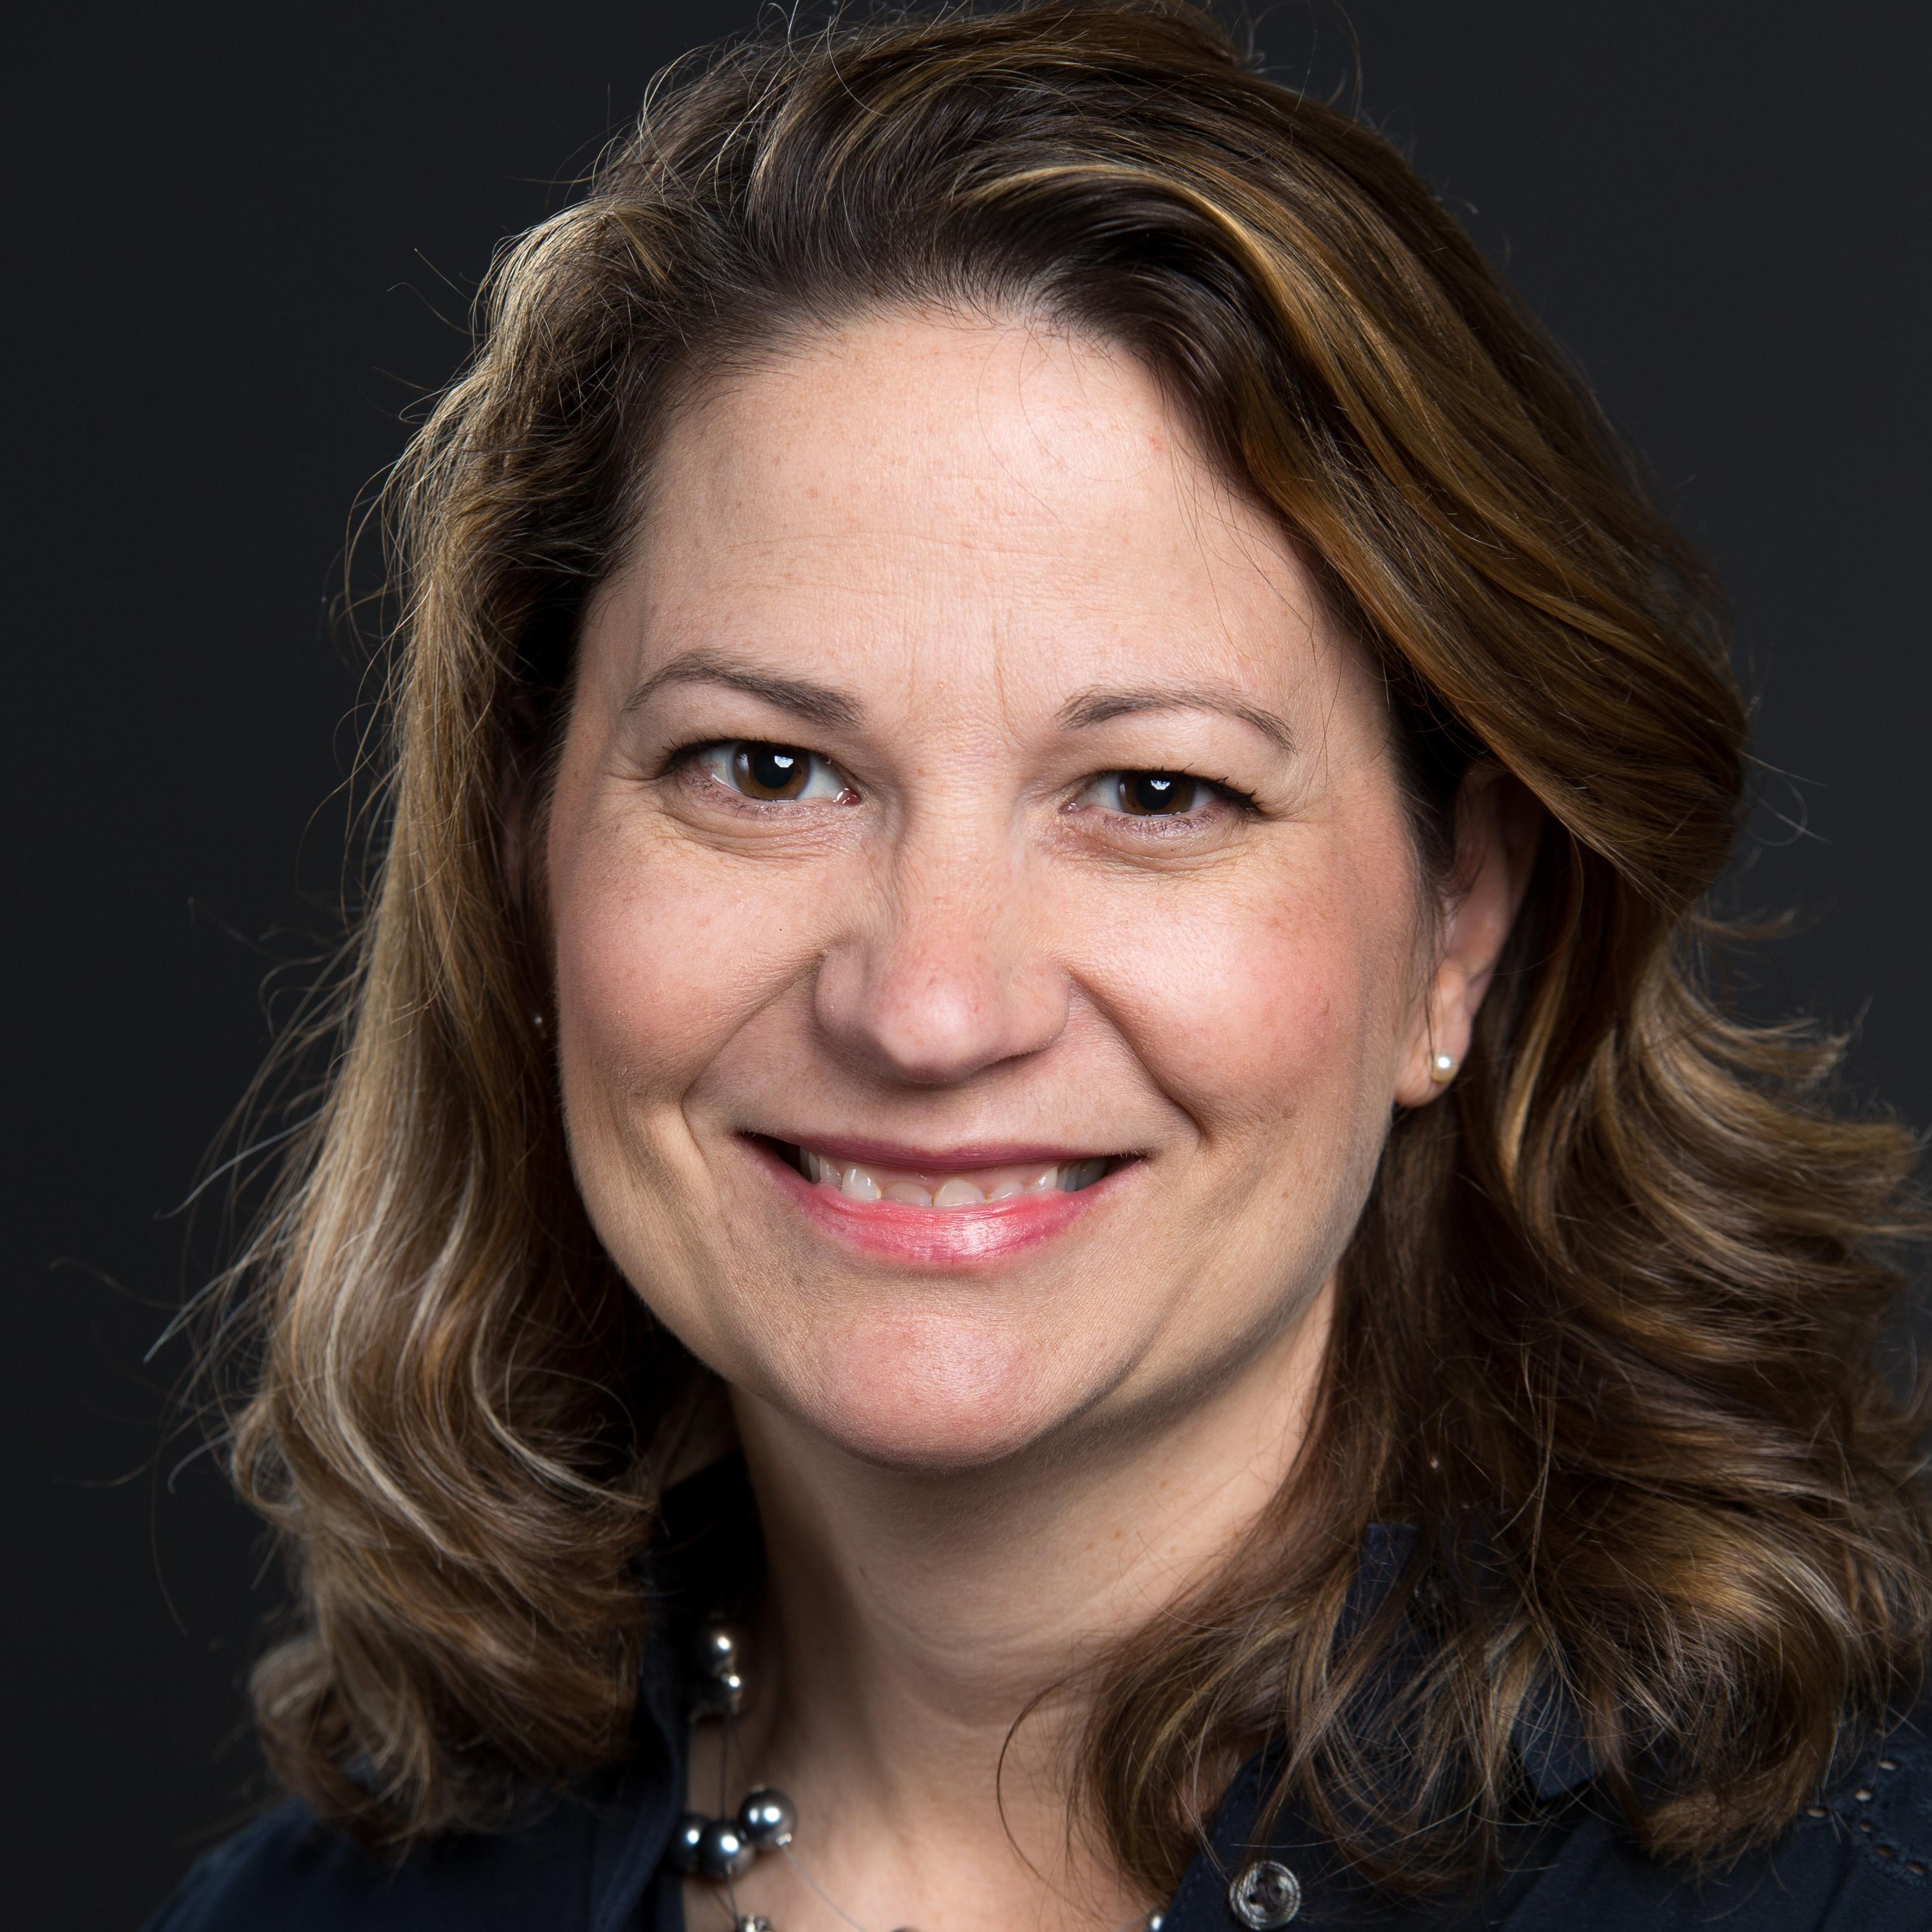 Mary Neuenschwander